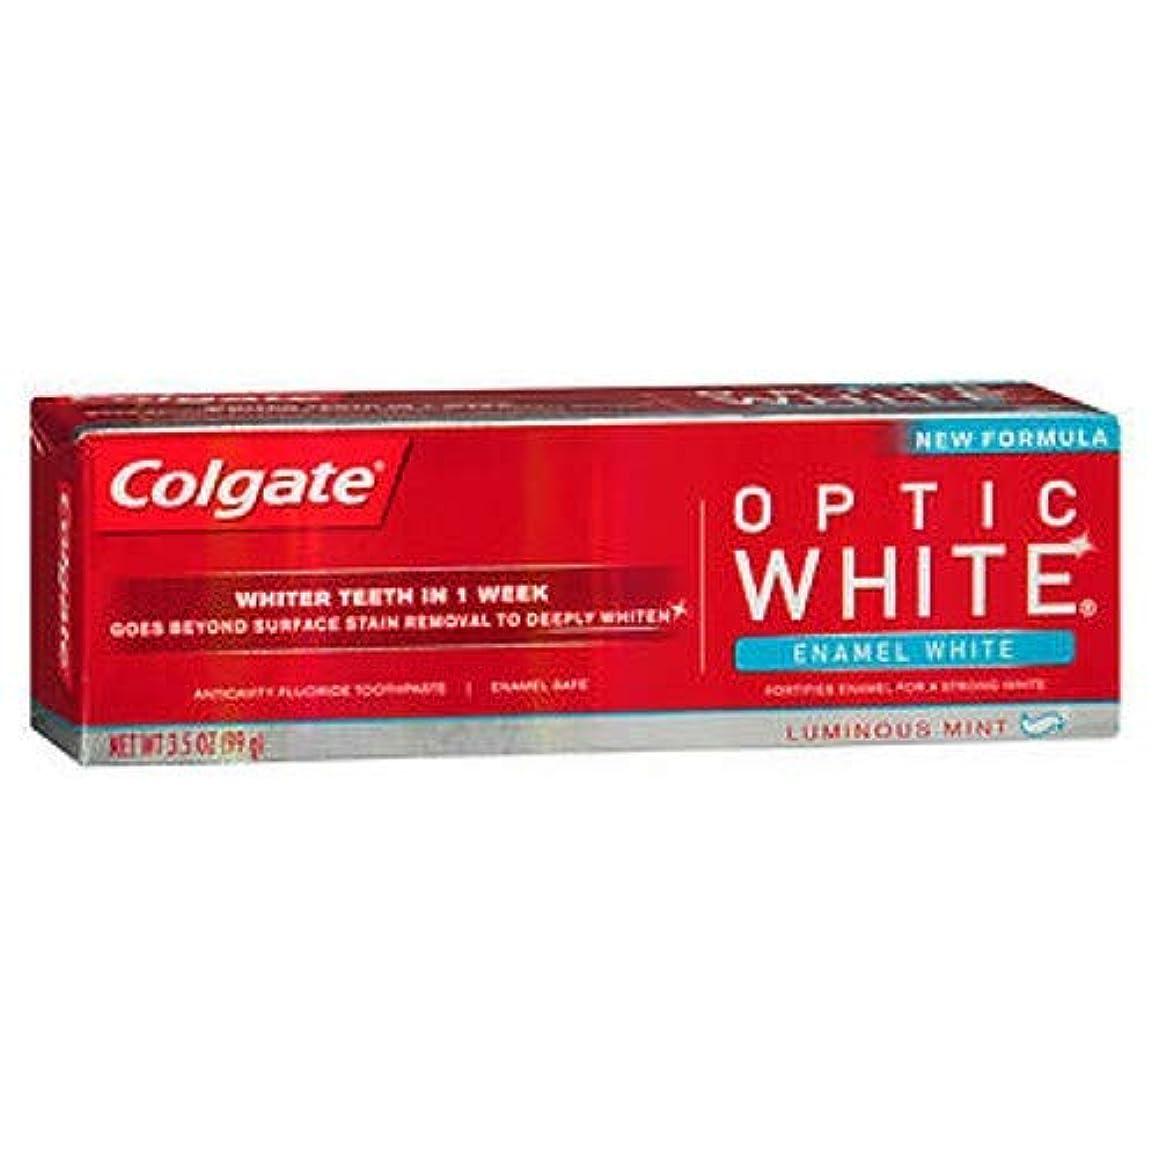 フルーツ数学者数Colgate オプティックホワイト虫歯予防フッ素の歯磨き粉、エナメルホワイト、ルミナスミント3.5オンス(3パック) 3パック